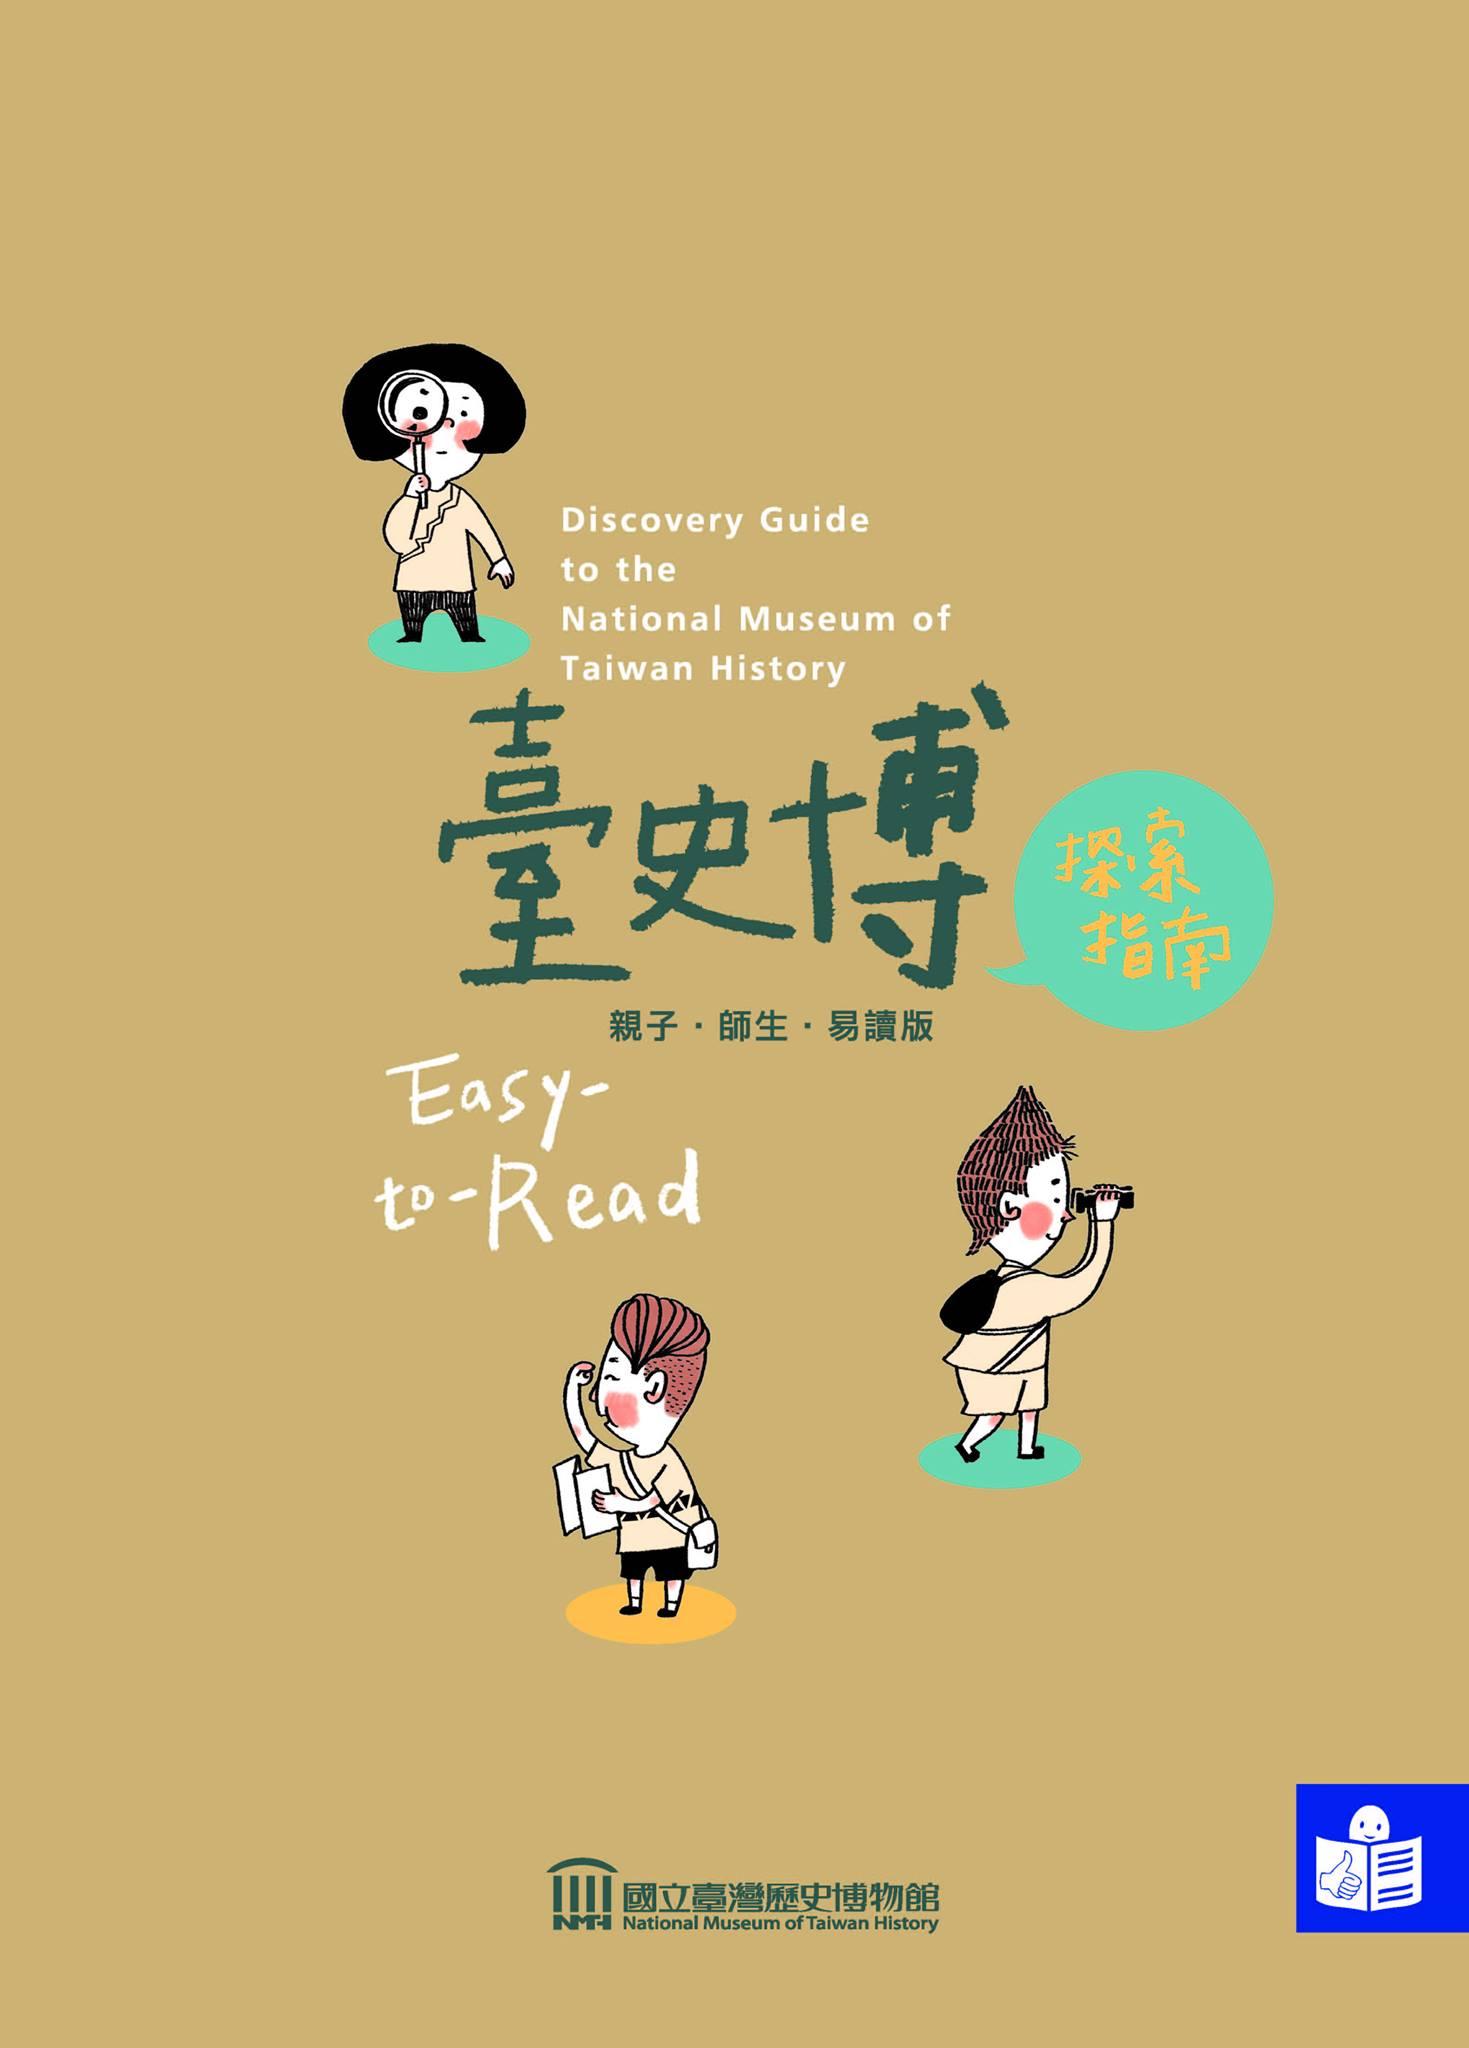 臺史博探索指南(易讀版)封面